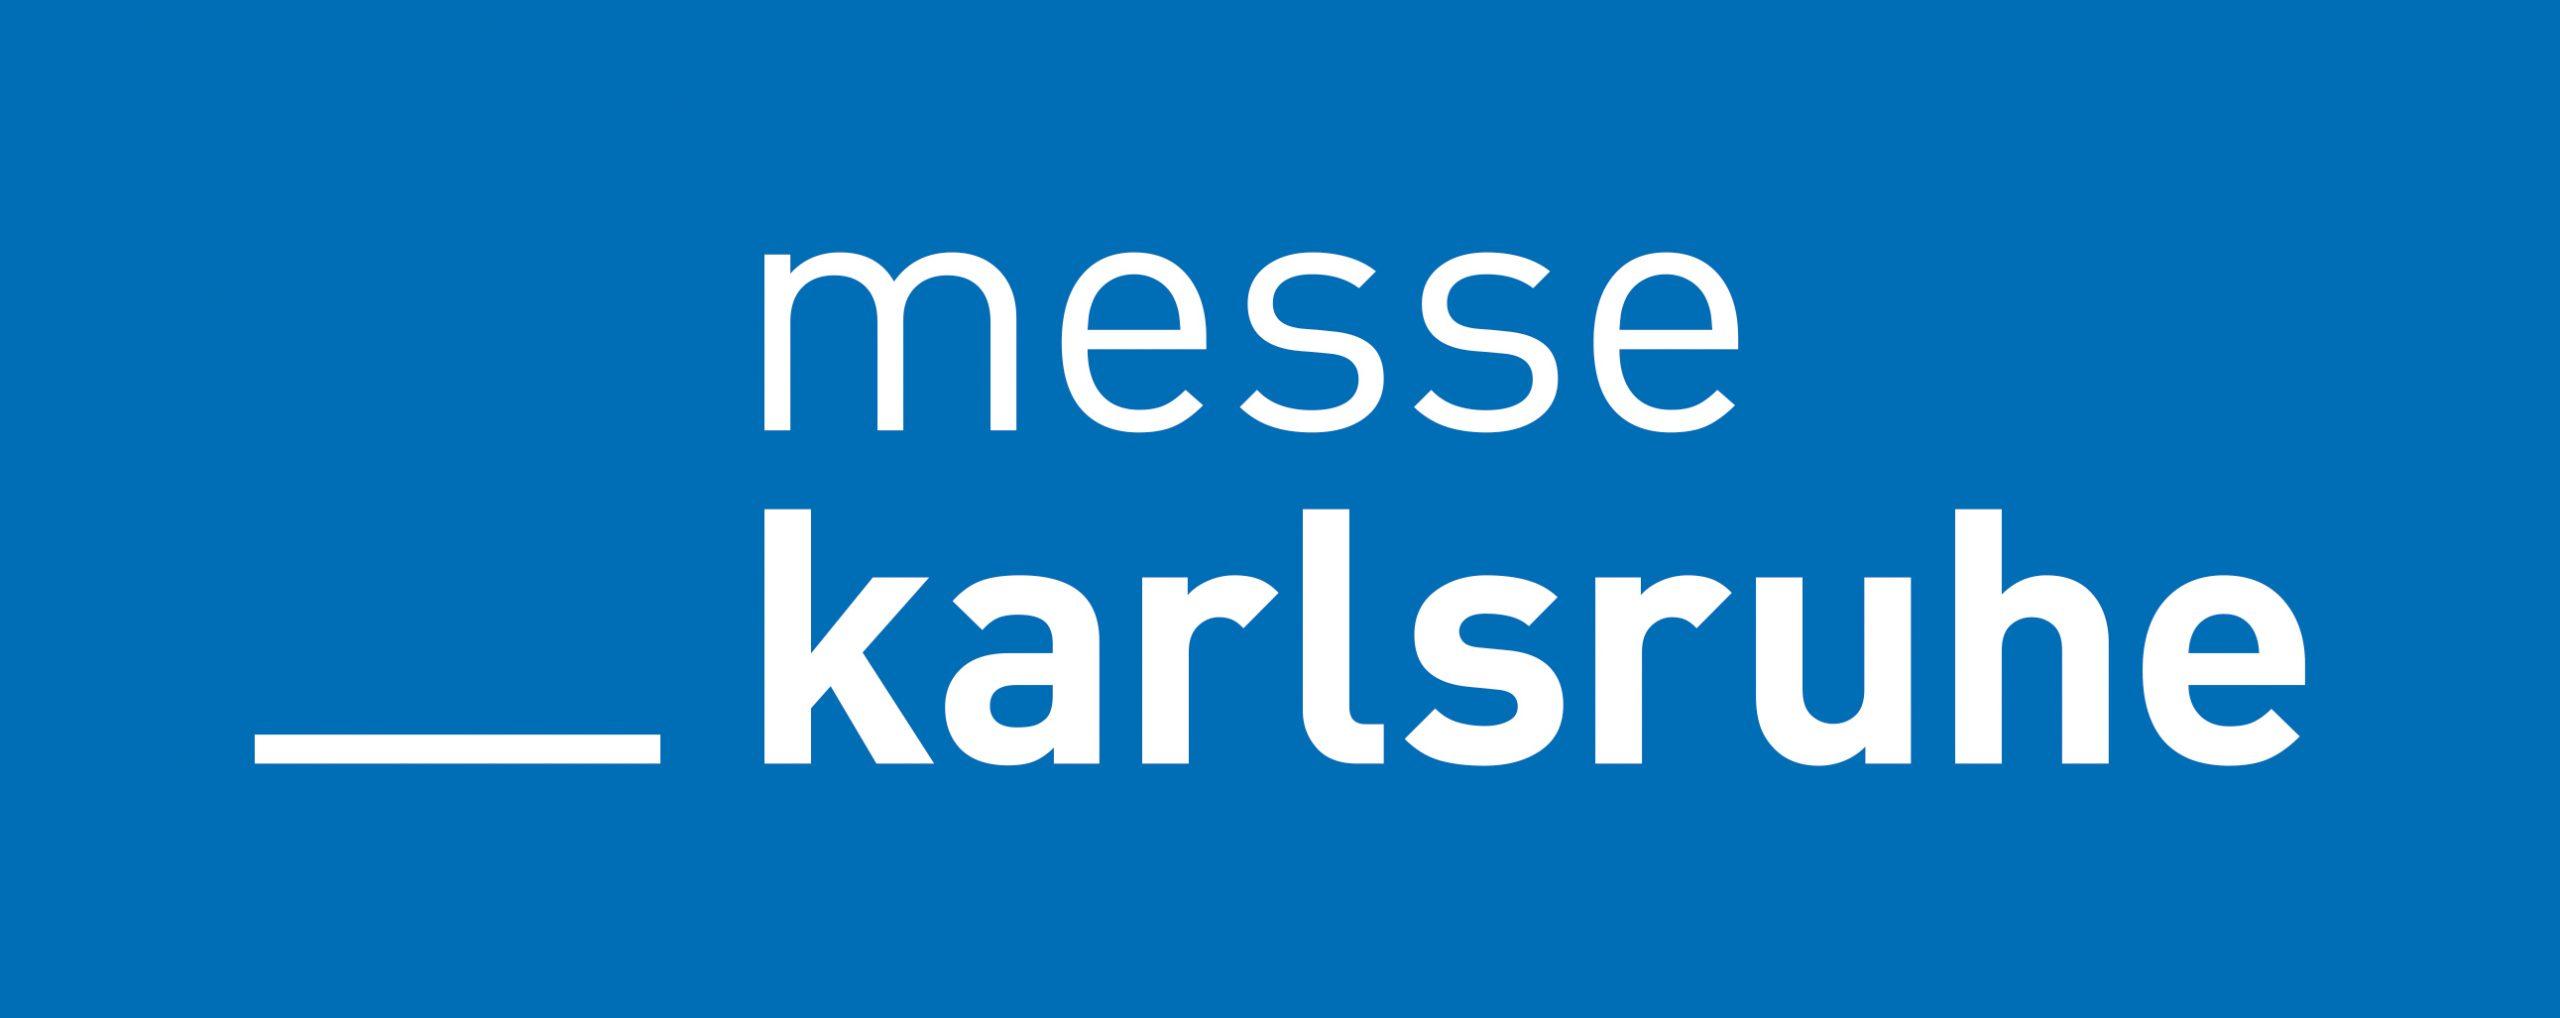 Messe Karlsruhe, fair Karlsruhe City